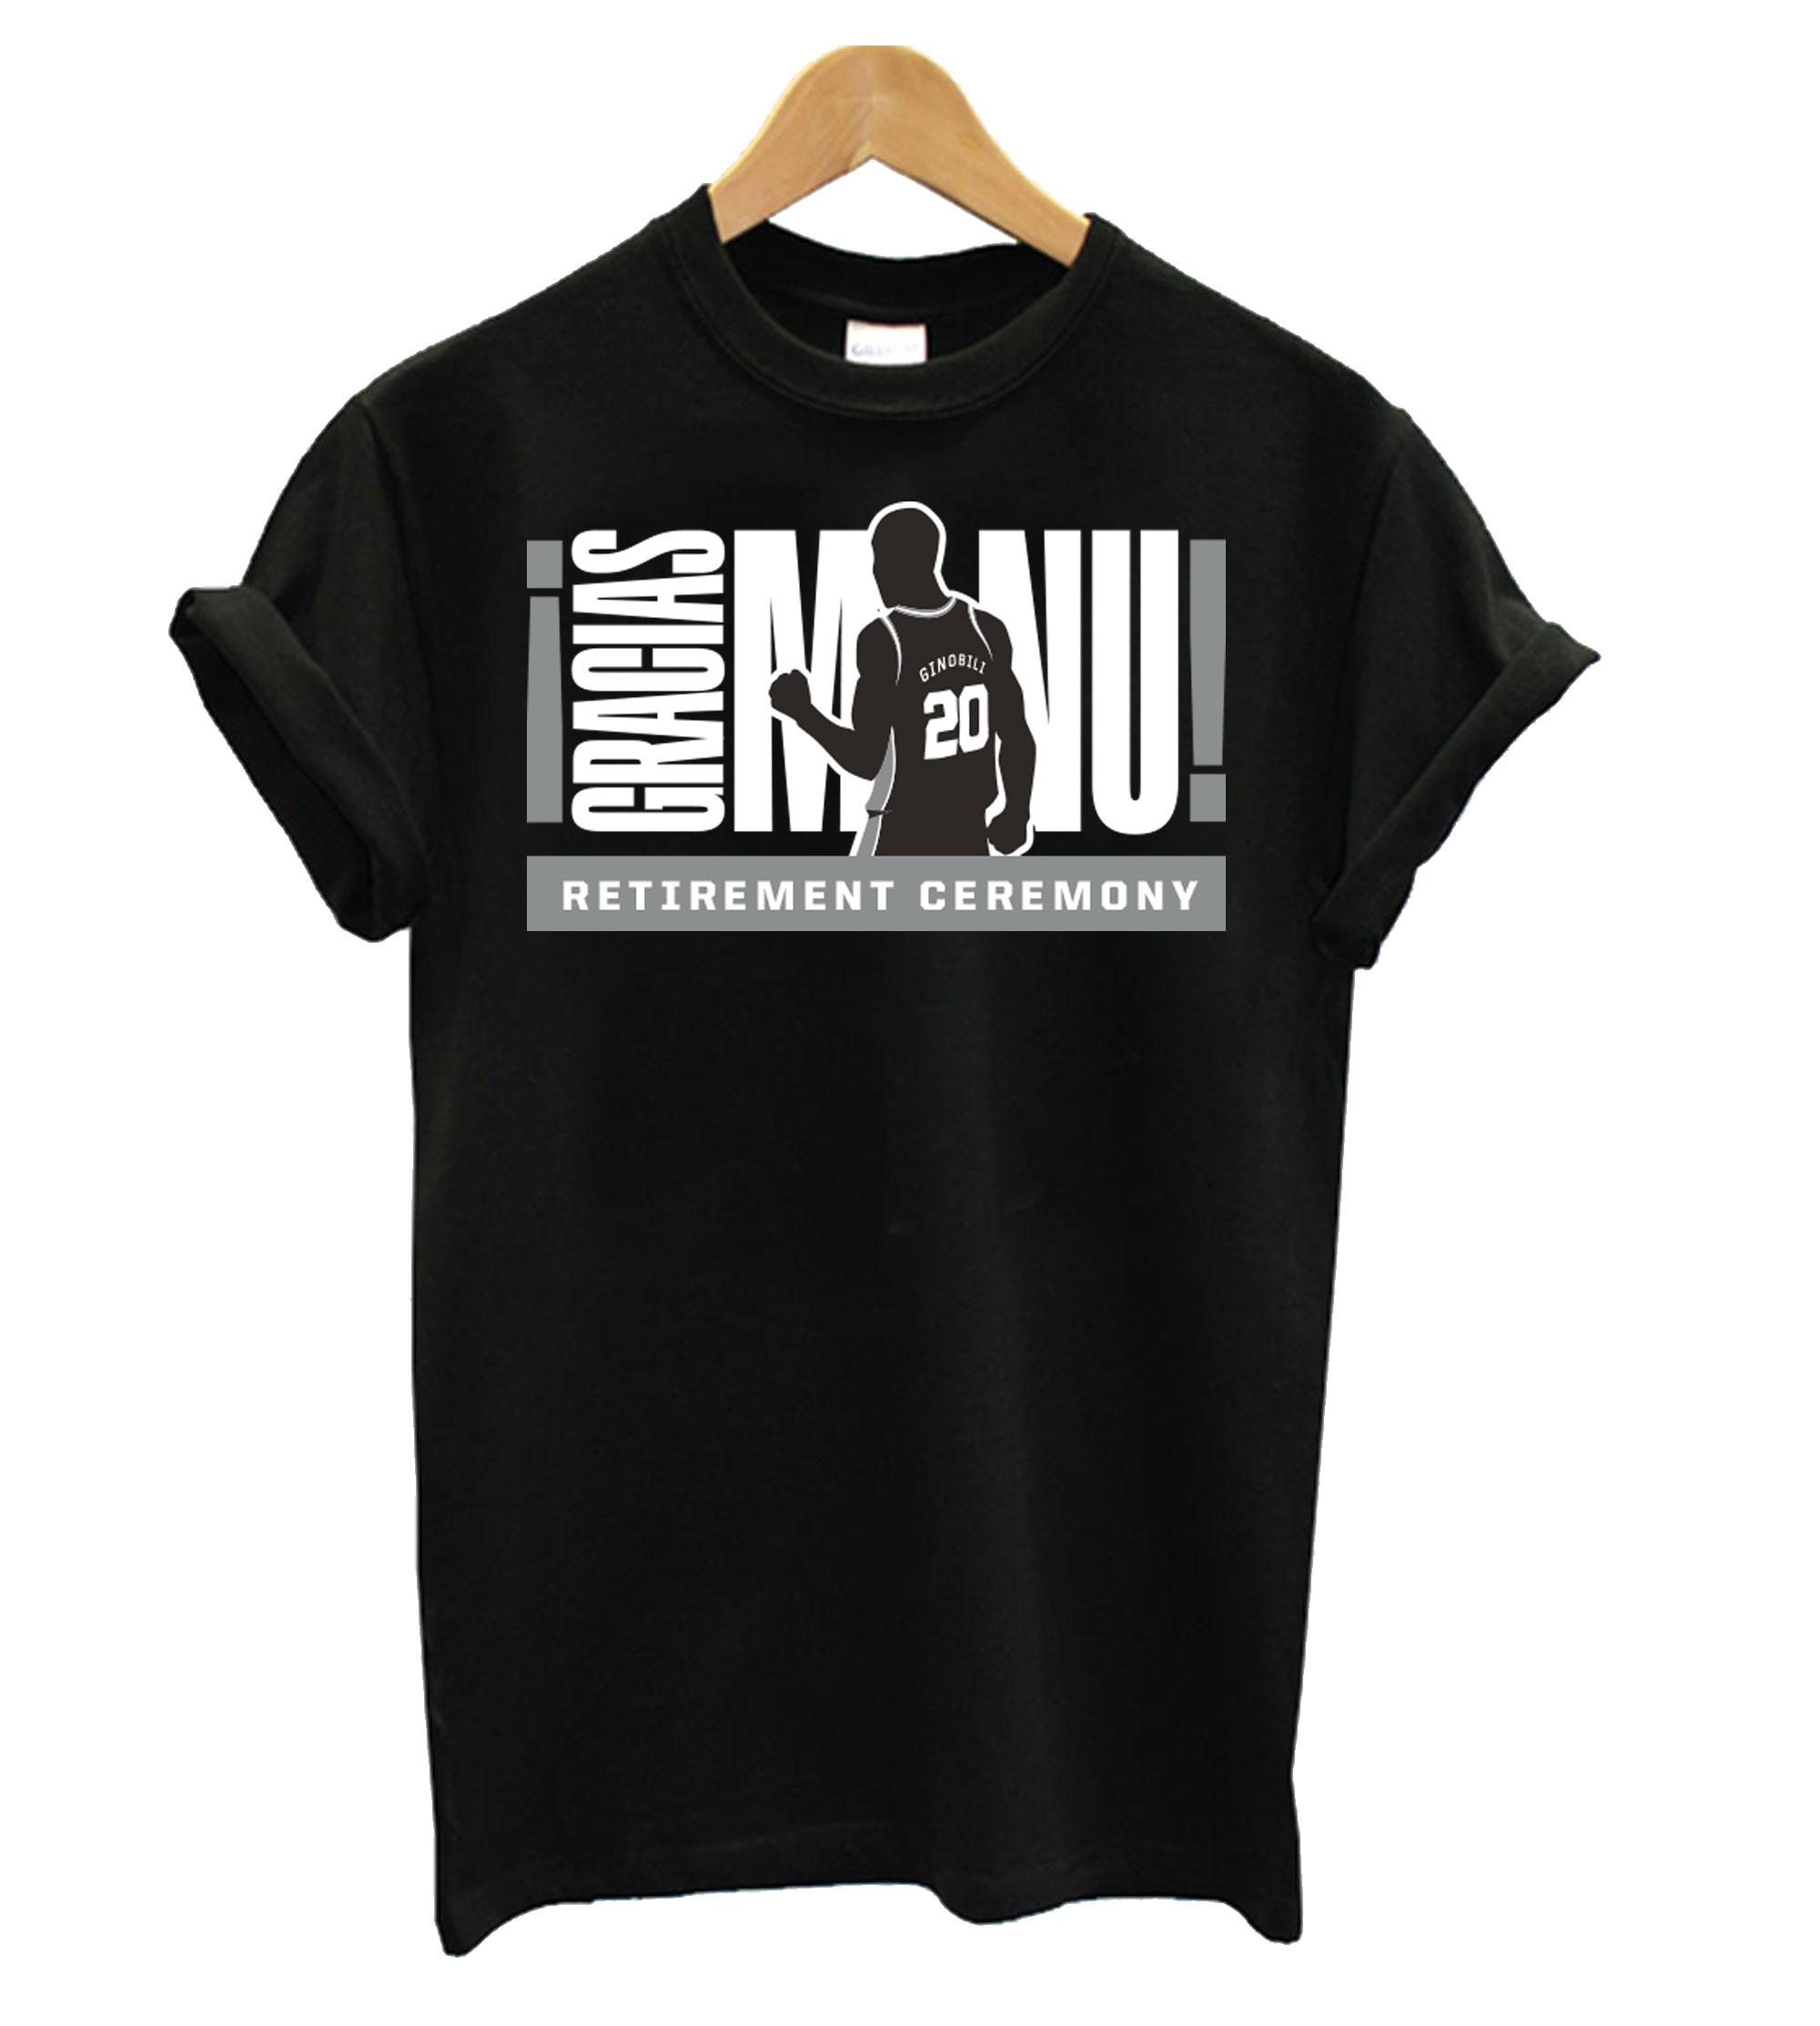 new styles 4edf1 c3536 Manu Ginobili Jersey Retirement Night T shirt